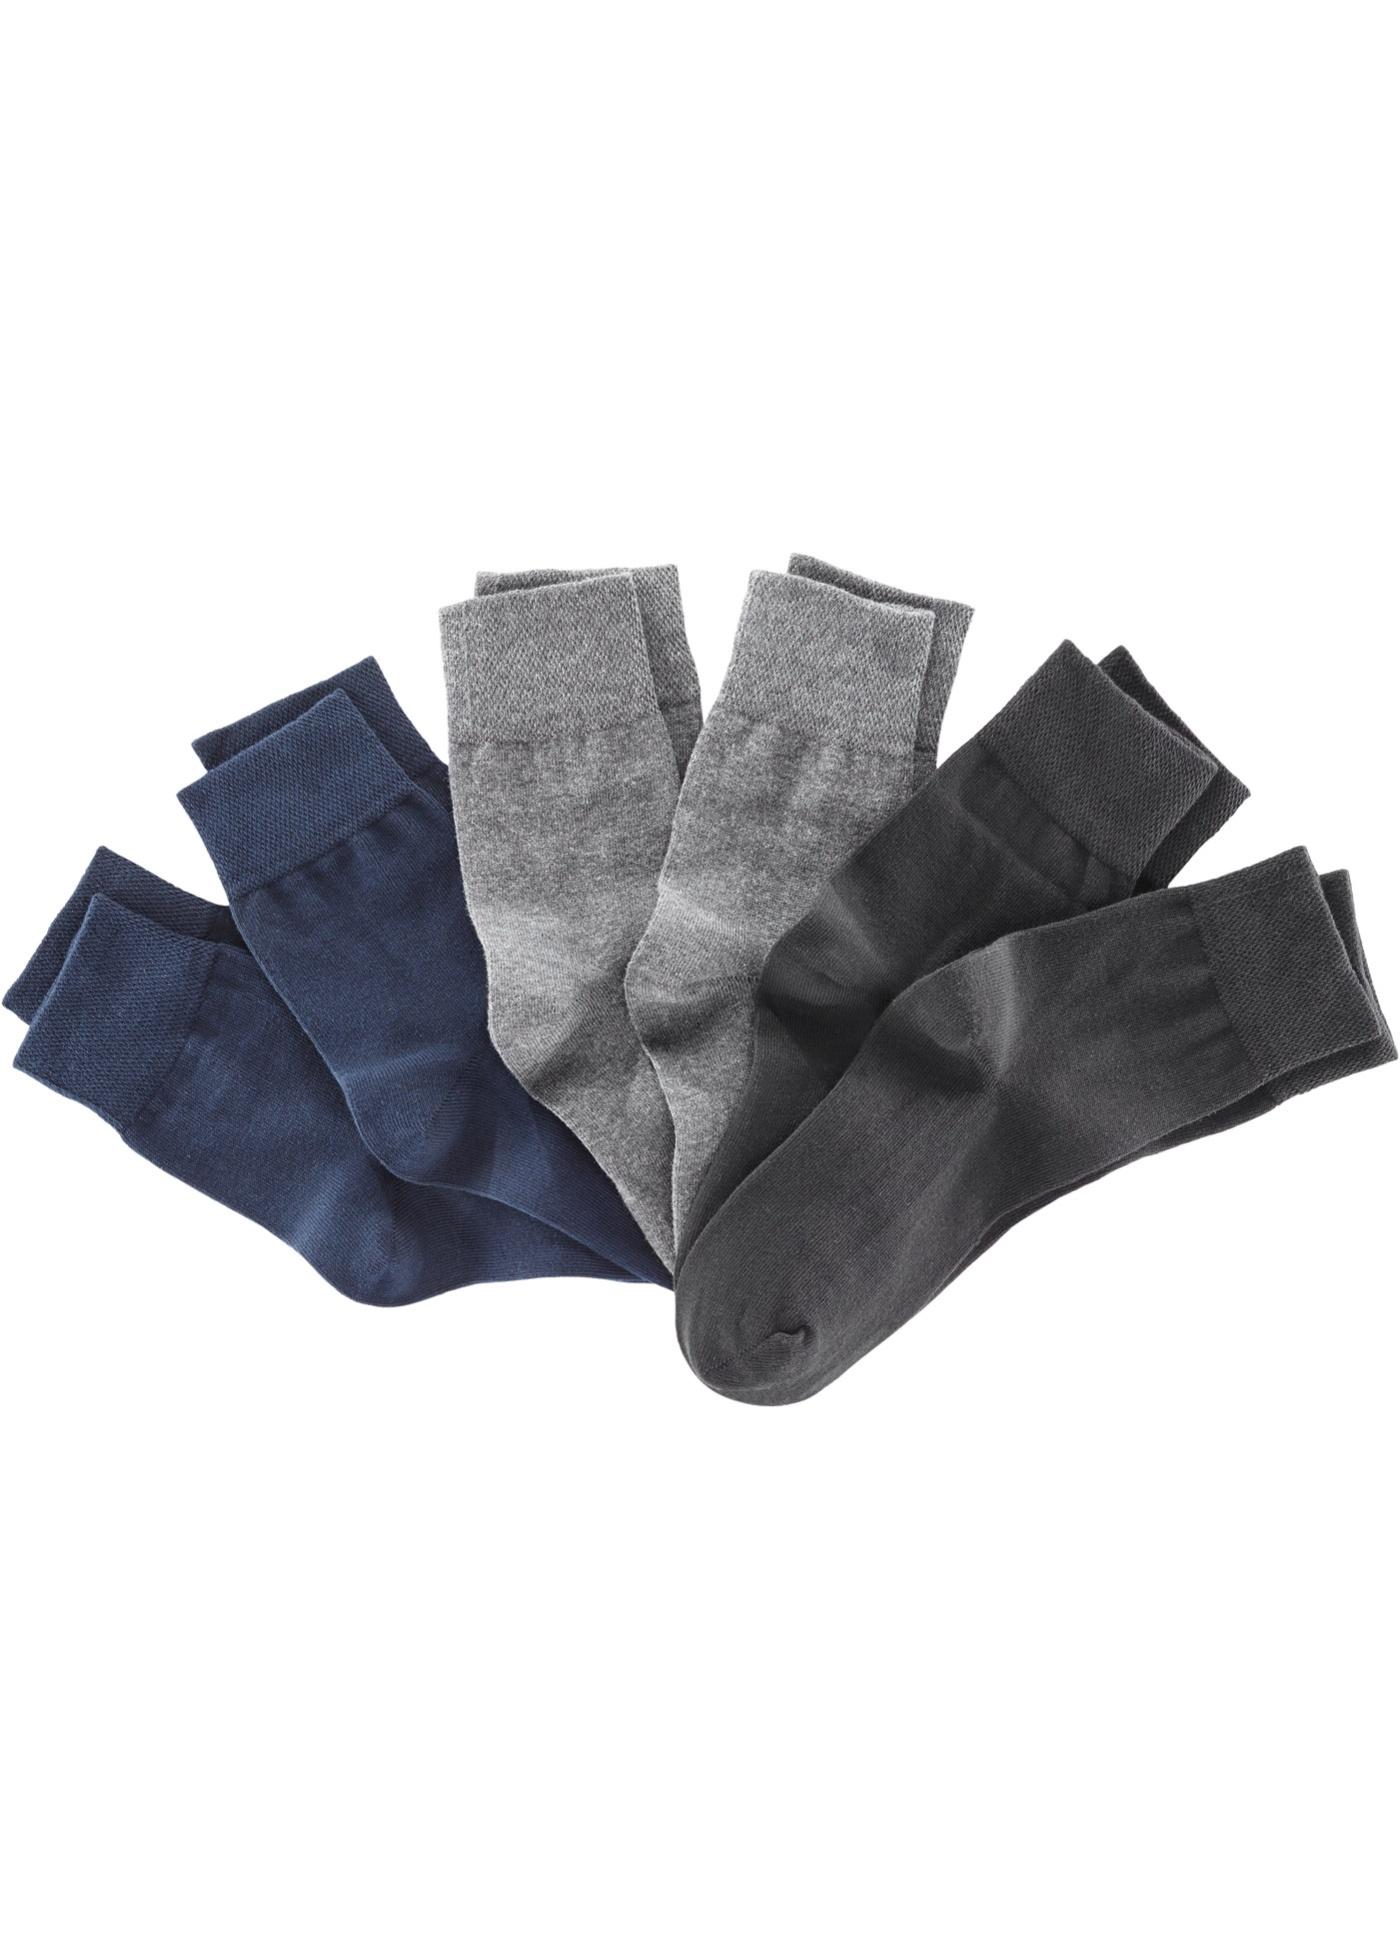 Unisex-Socken (6er-Pack)